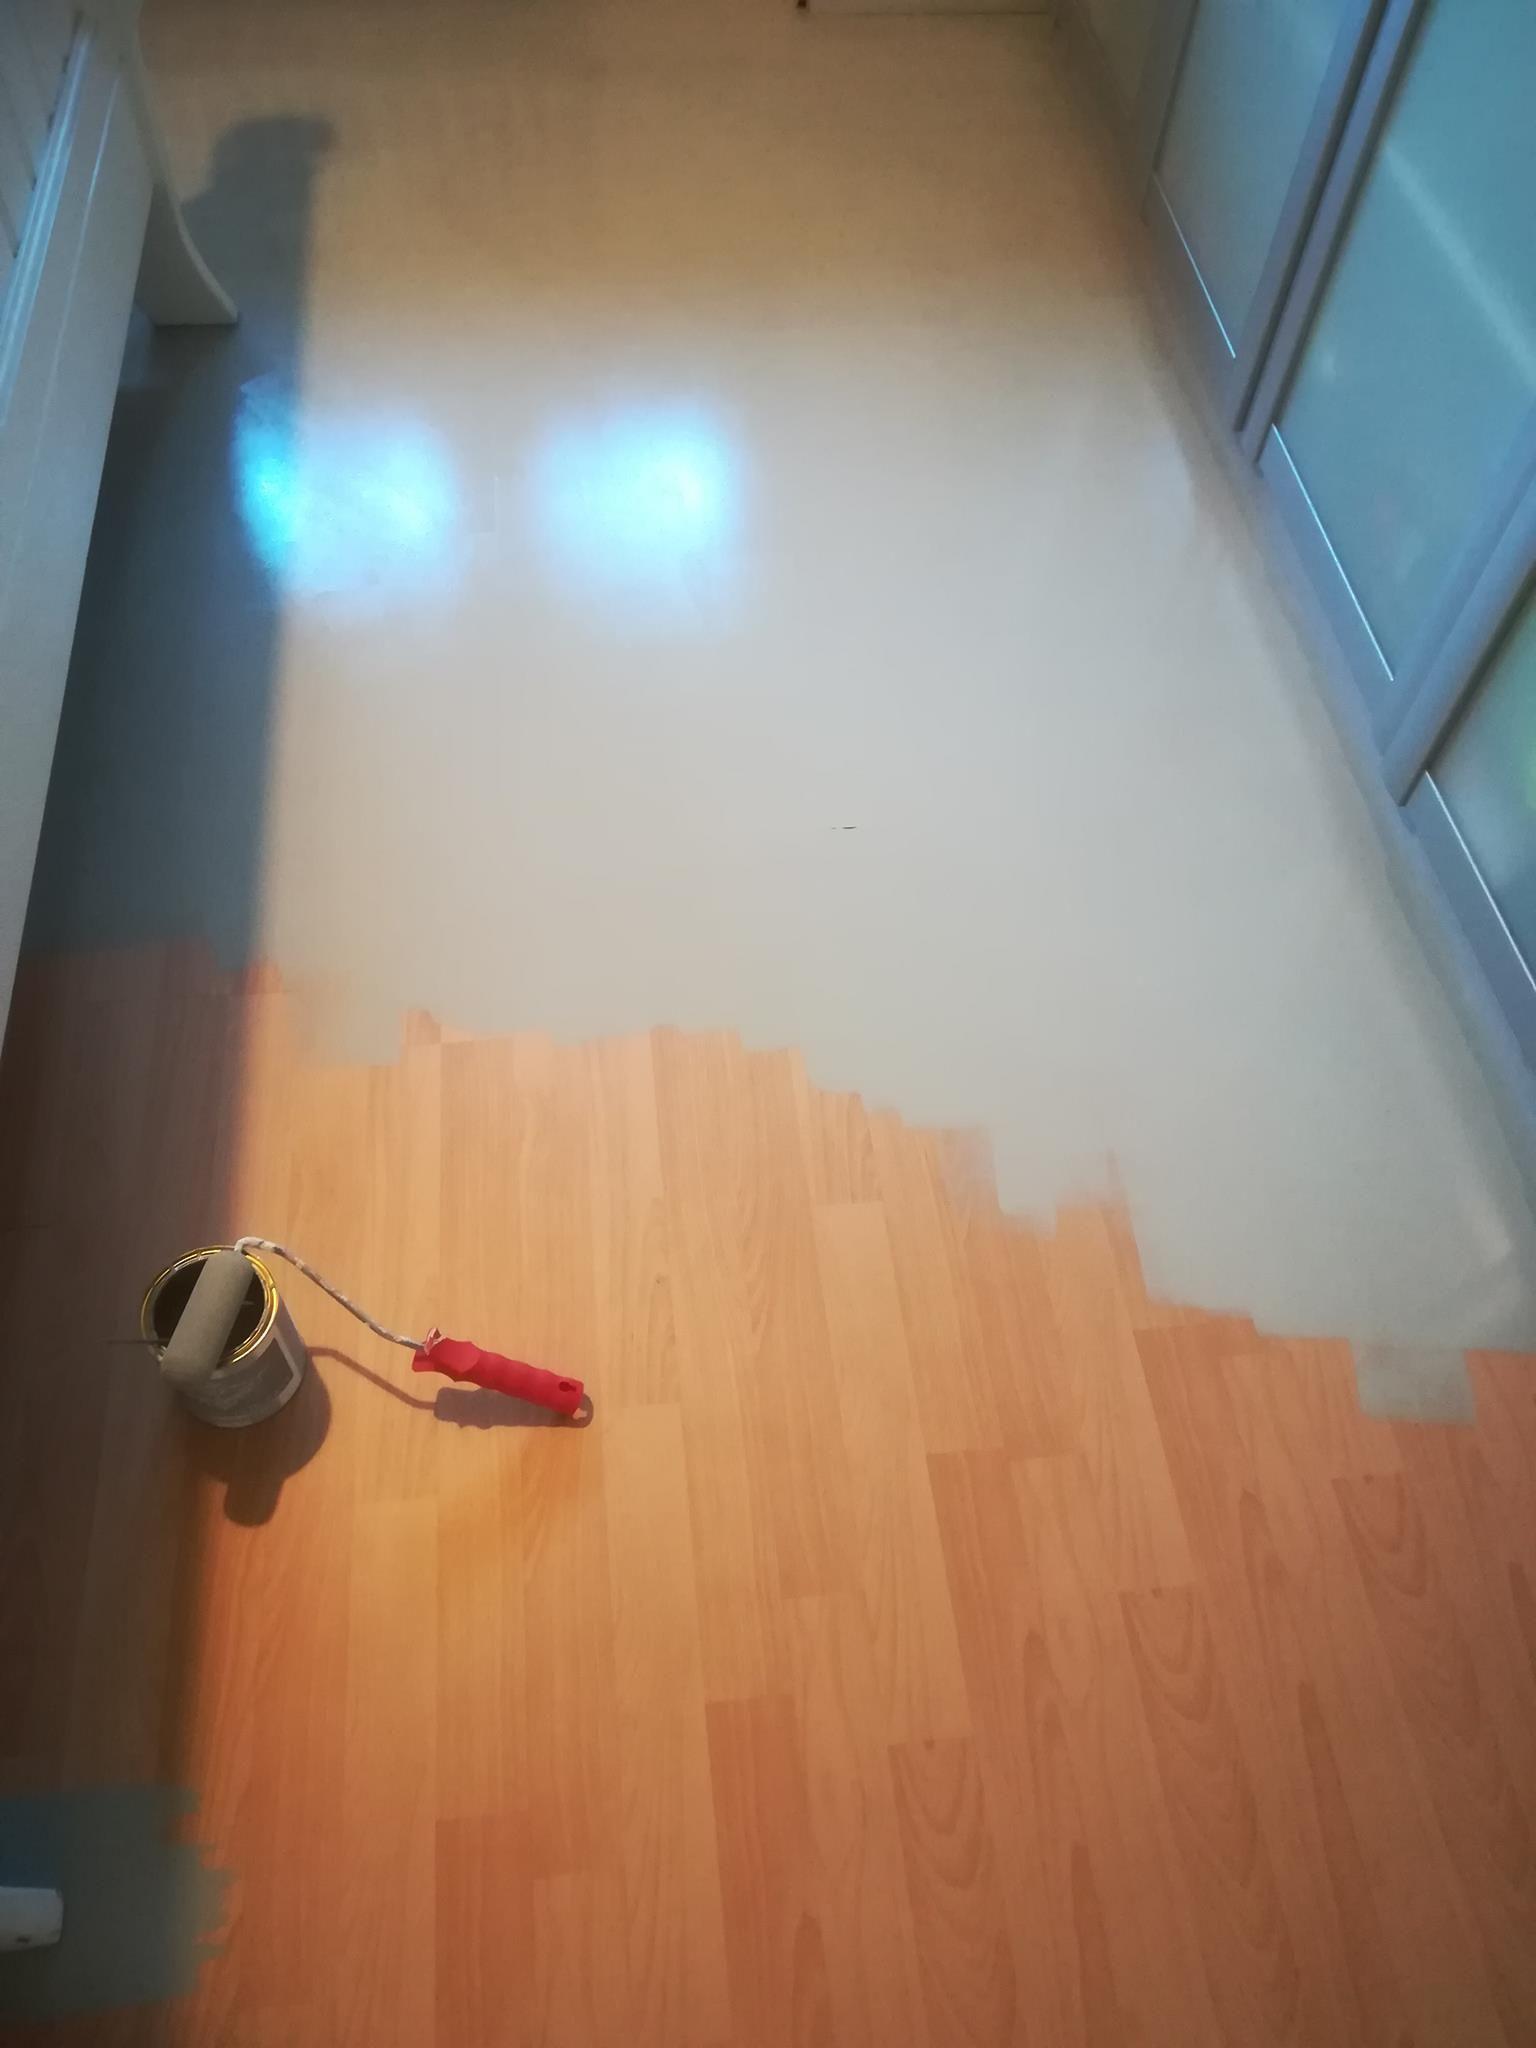 Relativ Fußboden streichen mit Kreidefarbe | Other | Laminat streichen YZ54